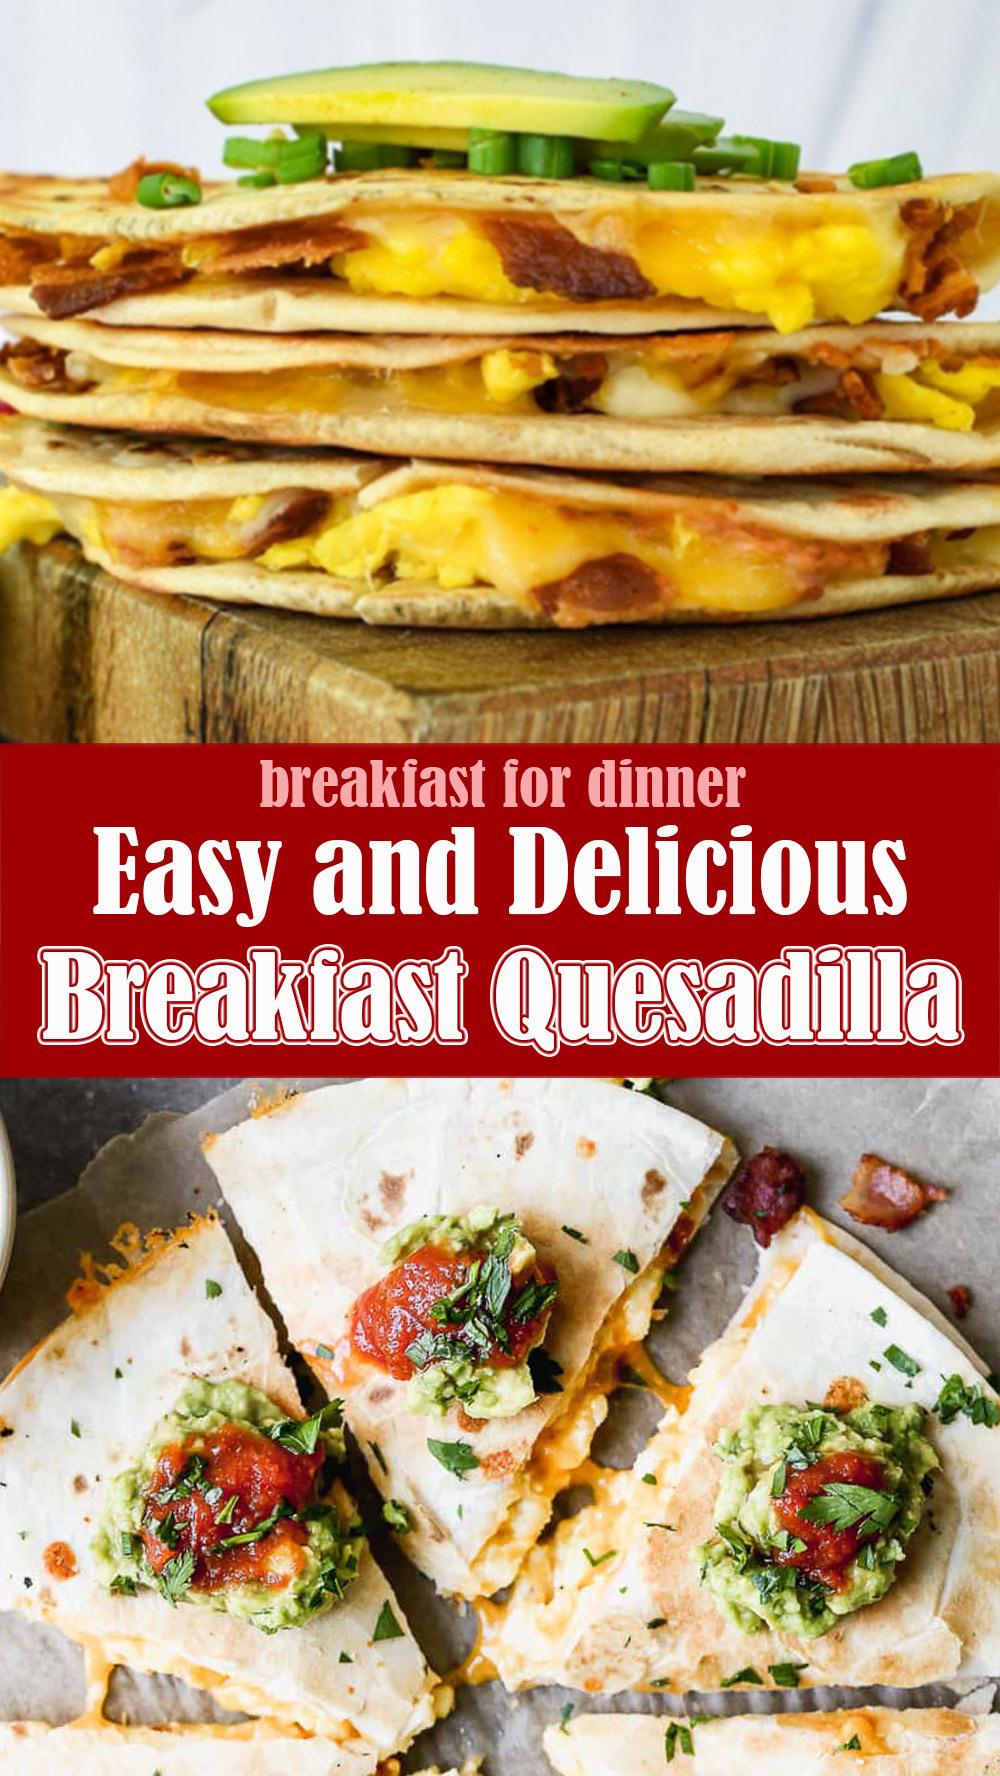 Easy and Delicious Breakfast Quesadilla